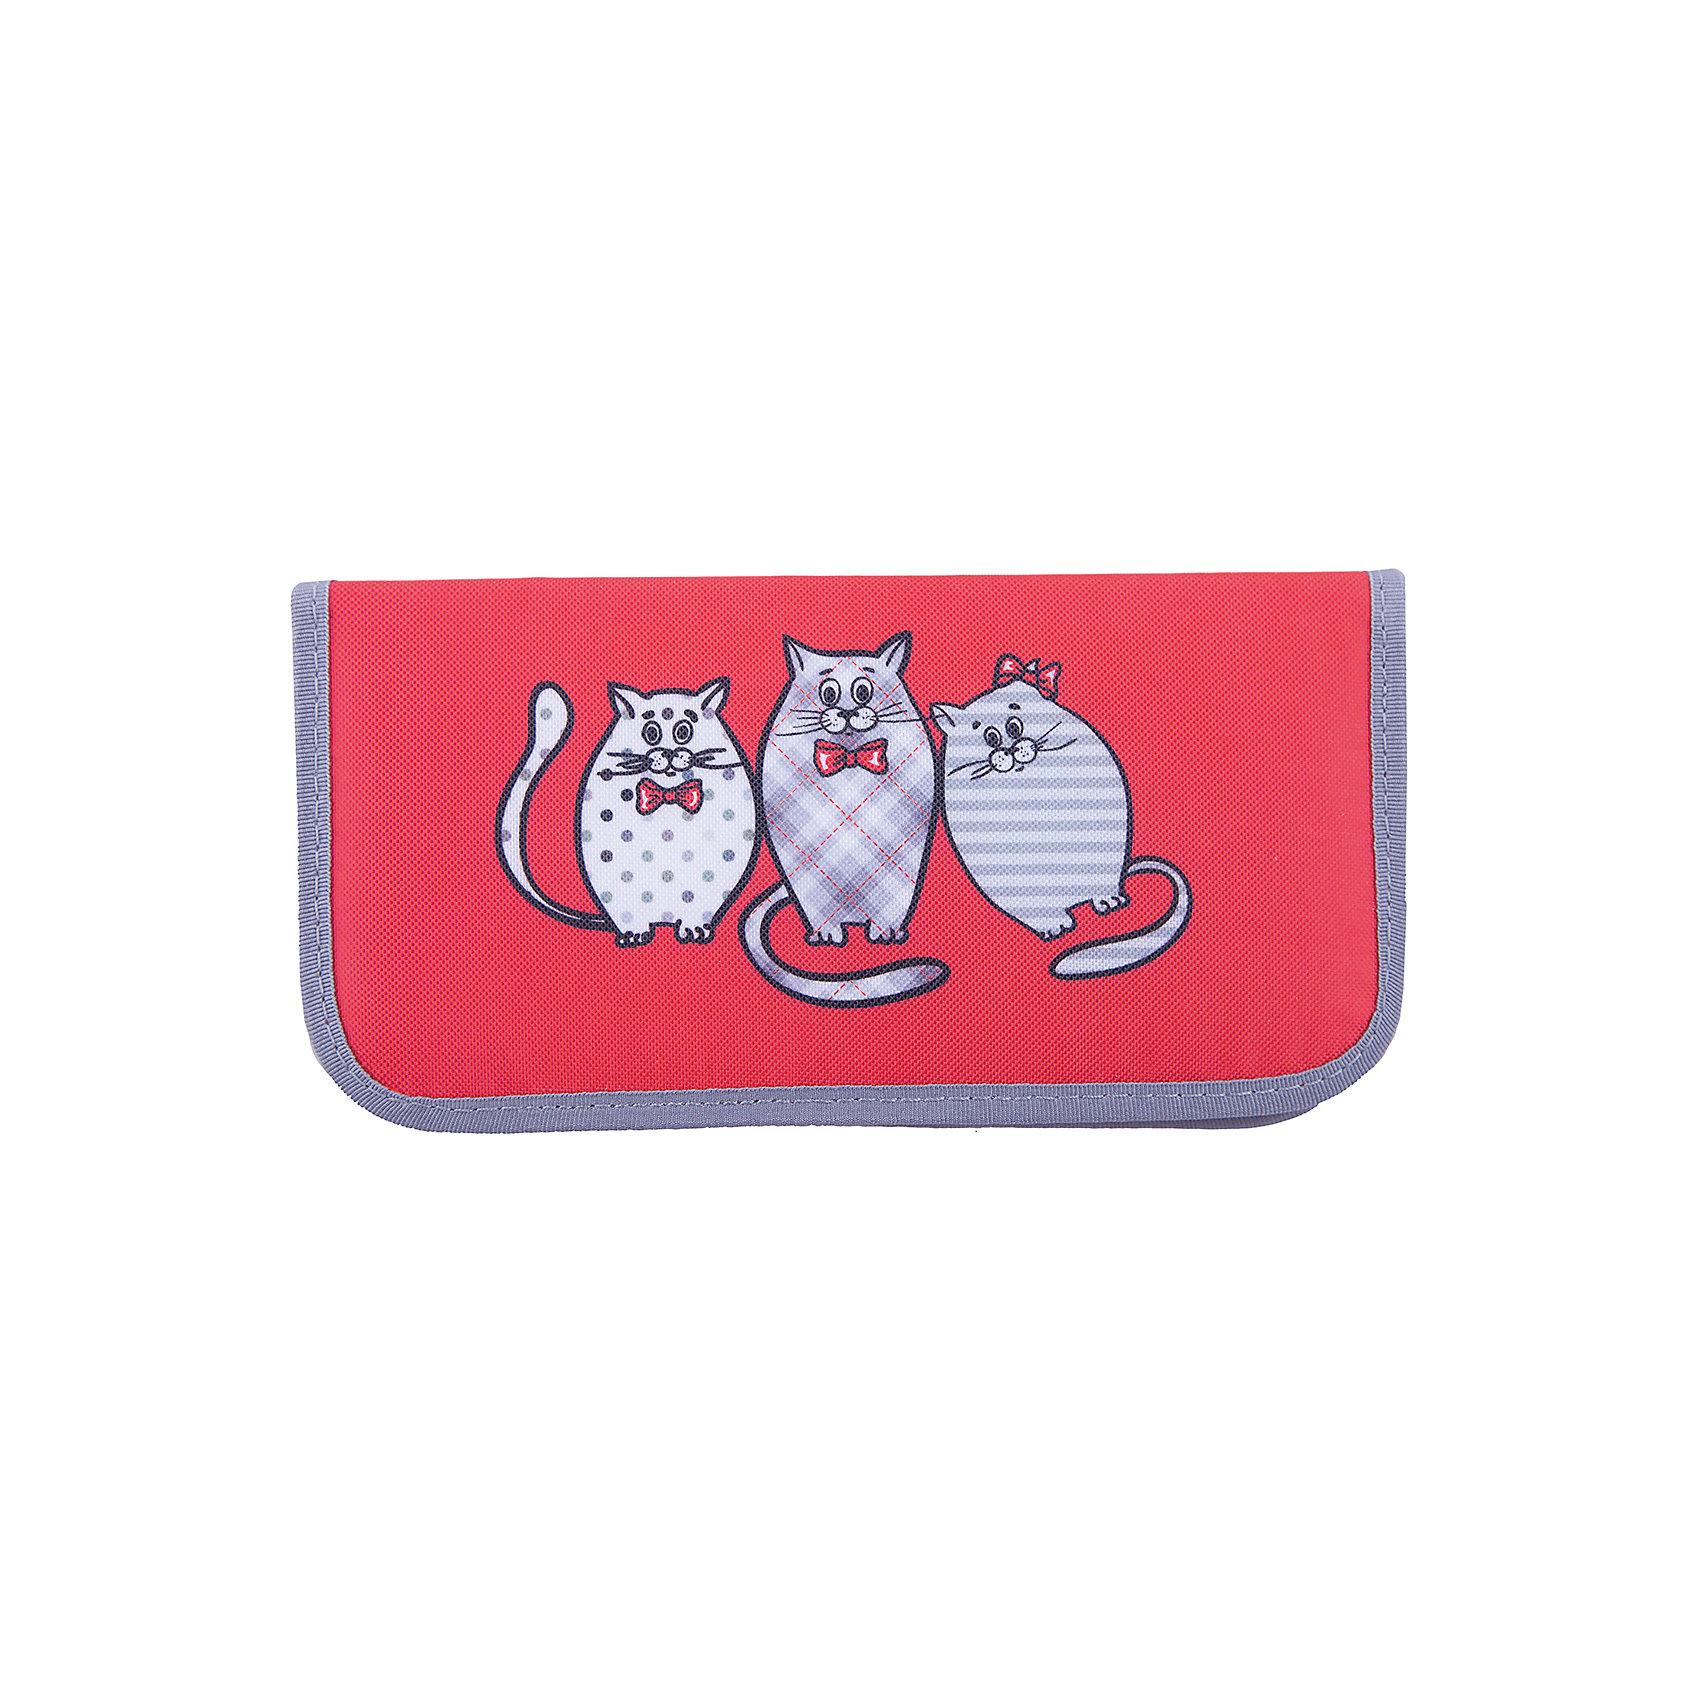 Пенал школьный Котики на красном  Феникс+Пеналы без наполнения<br>Пенал школьный  КОТИКИ НА КРАСНОМ (с 1-м отделением, без наполнения, 20х10х2.5см, из полиэстера плотн. 420D, на застежке молния)<br><br>Ширина мм: 200<br>Глубина мм: 100<br>Высота мм: 25<br>Вес г: 65<br>Возраст от месяцев: 72<br>Возраст до месяцев: 2147483647<br>Пол: Унисекс<br>Возраст: Детский<br>SKU: 7046327